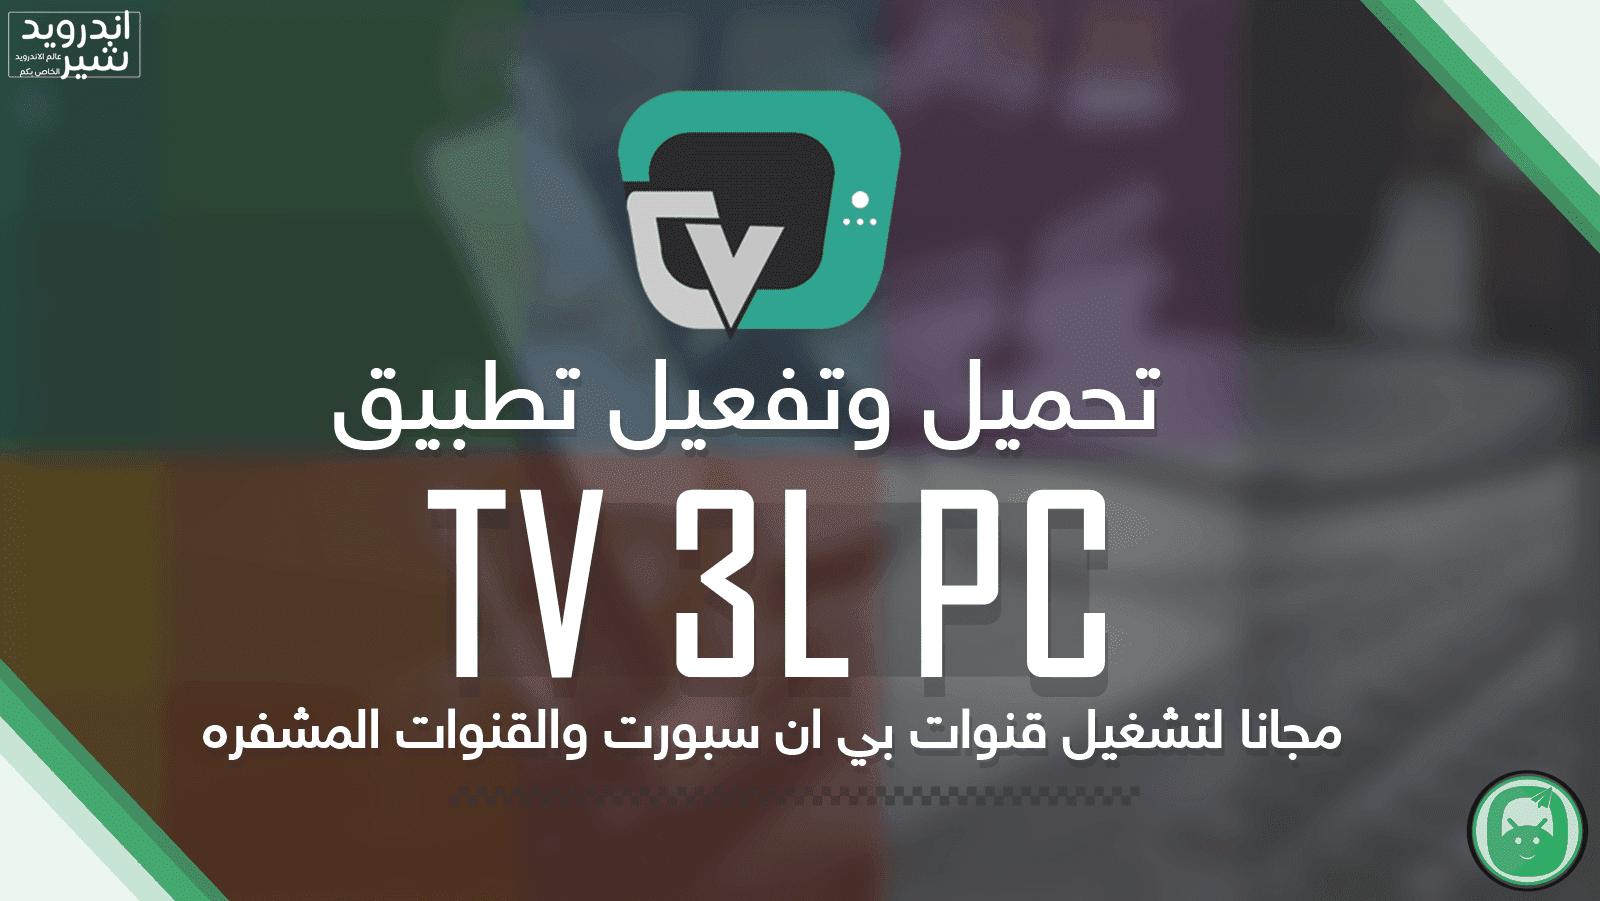 تحميل برنامج tv 3l pc كامل